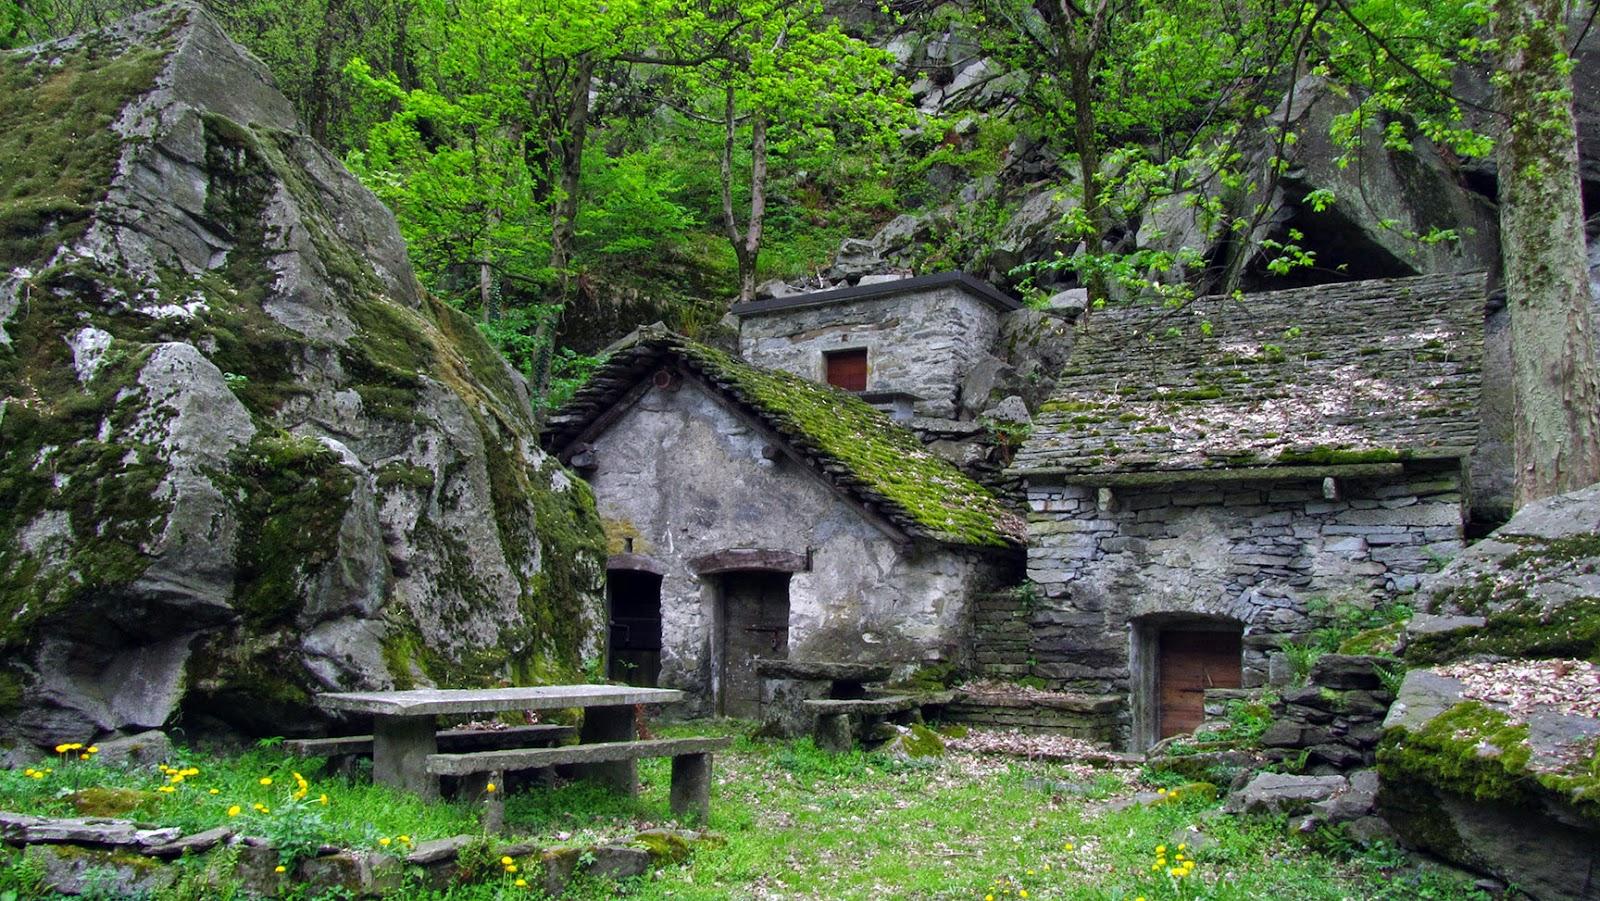 Ticino_Grotto